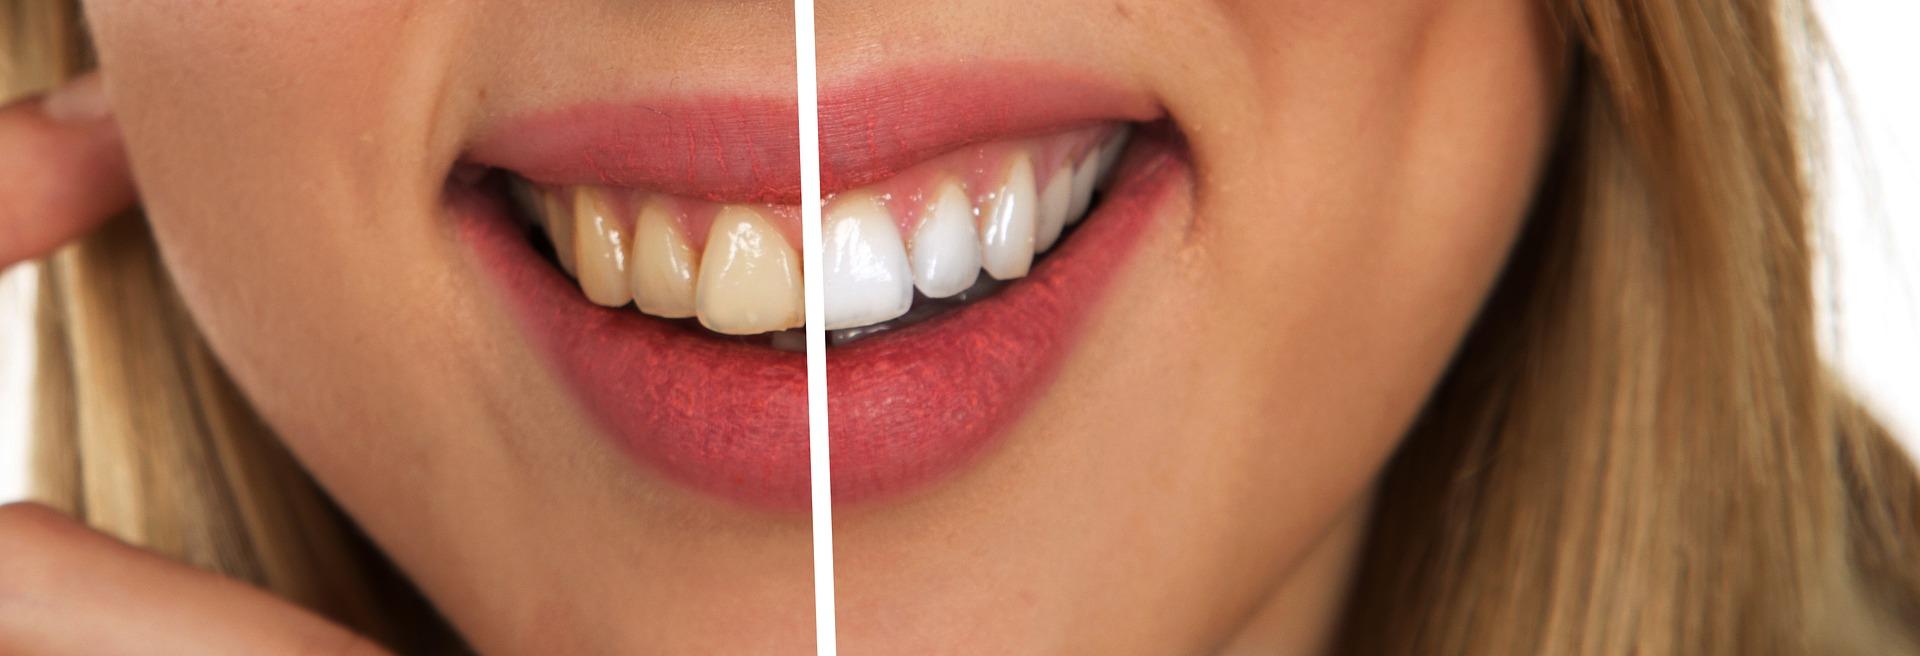 Zwarte Koolstof Tandpasta Voor Witte Tanden Puur Fit Academie